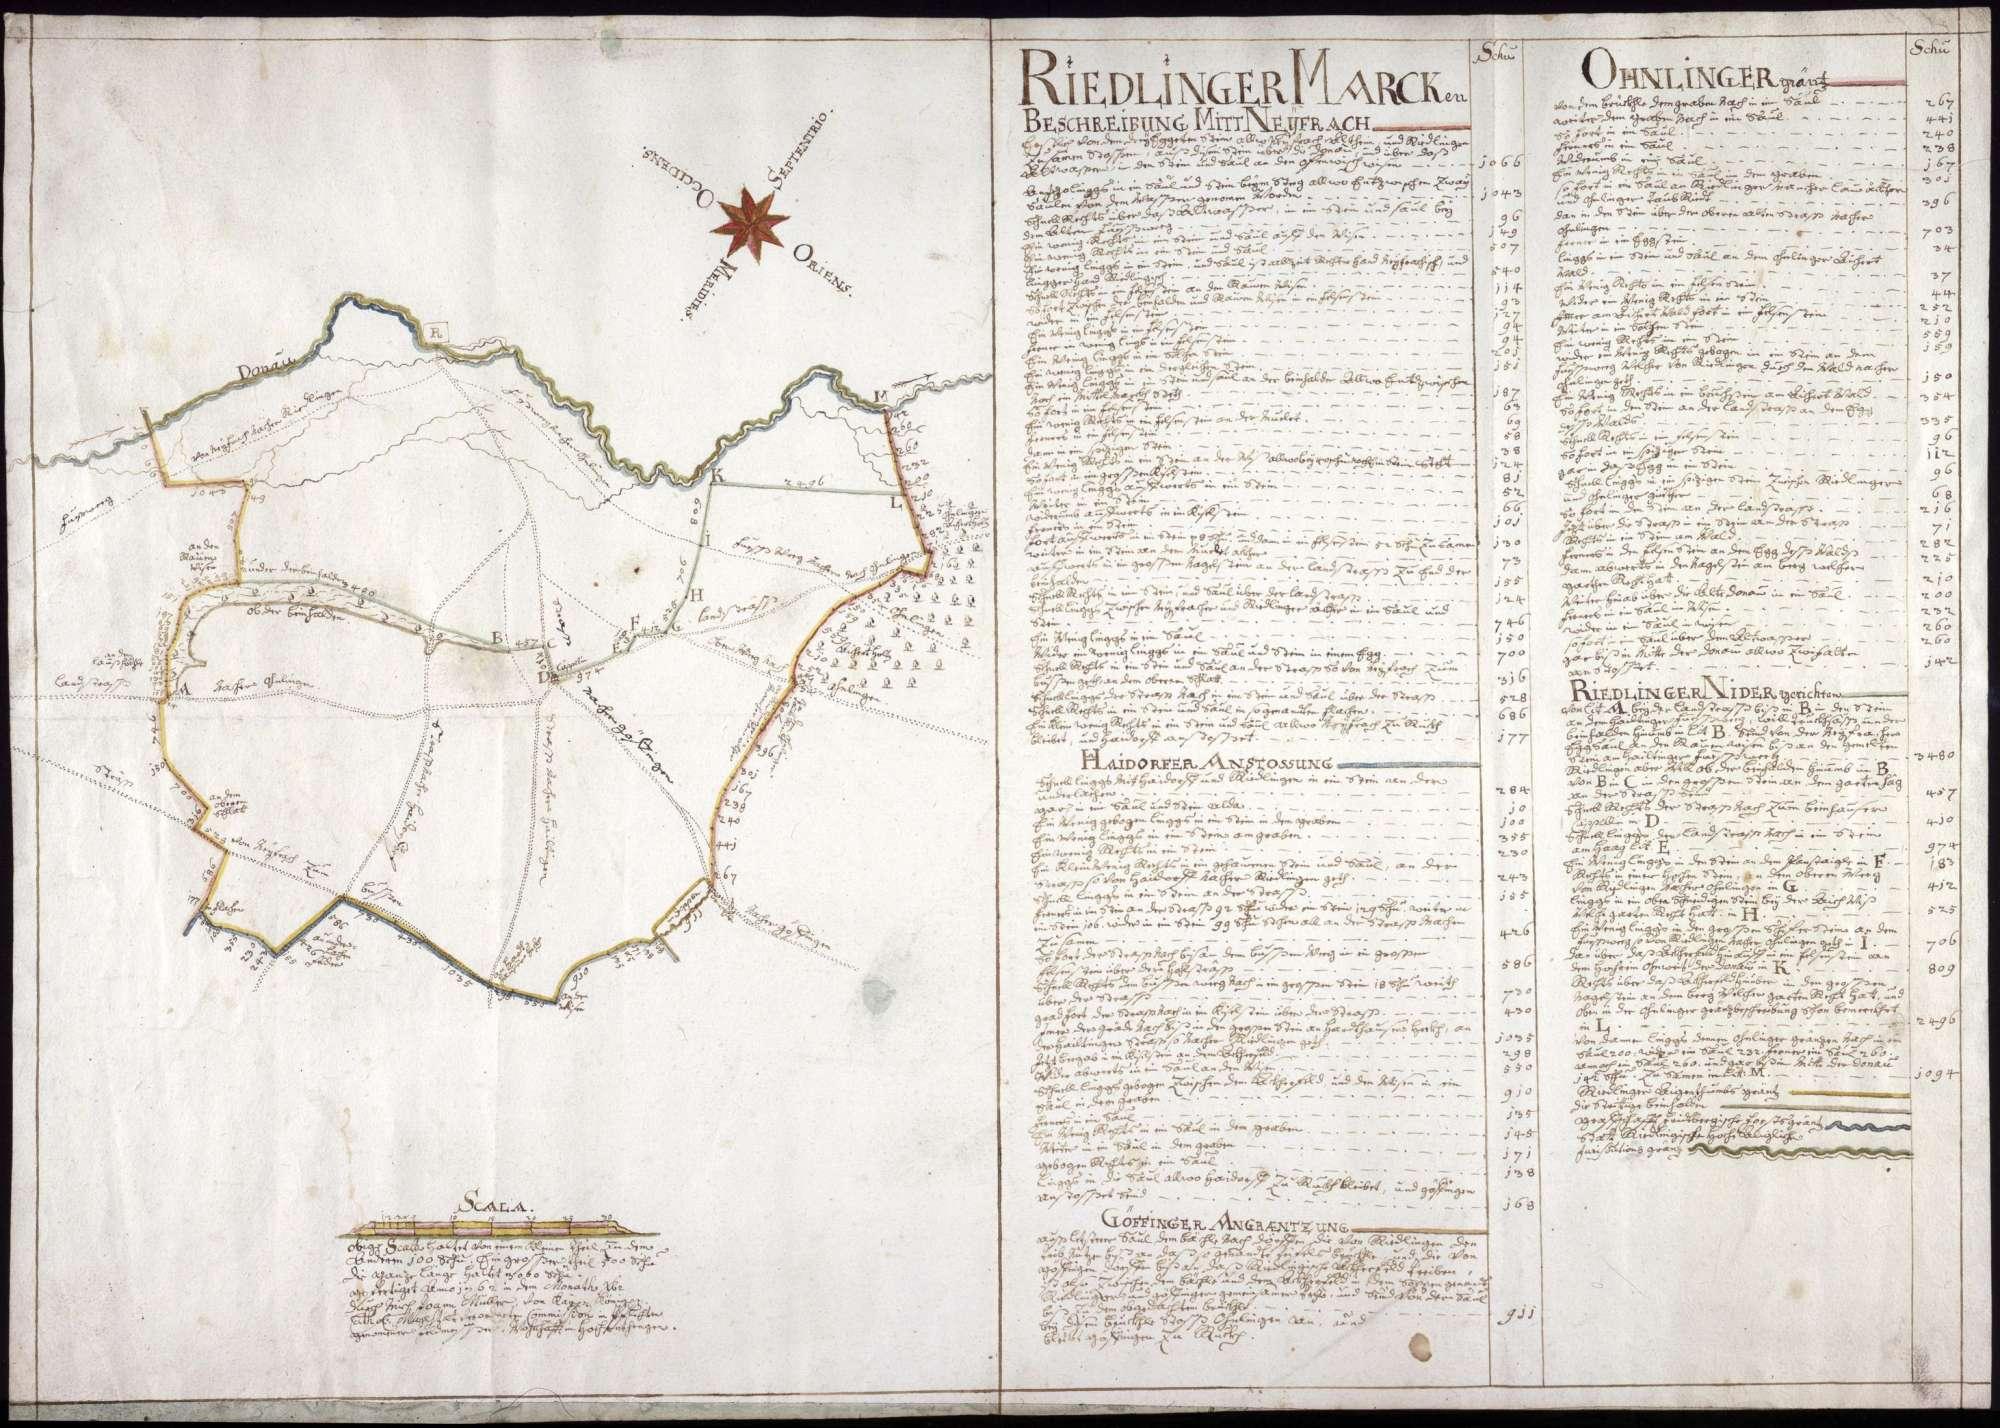 Niedergerichts- und Eigentumsmarken der Stadt Riedlingen Maßstab ca. 1 : 10000 Zeichner Johann Müller col. handgez., Bild 1